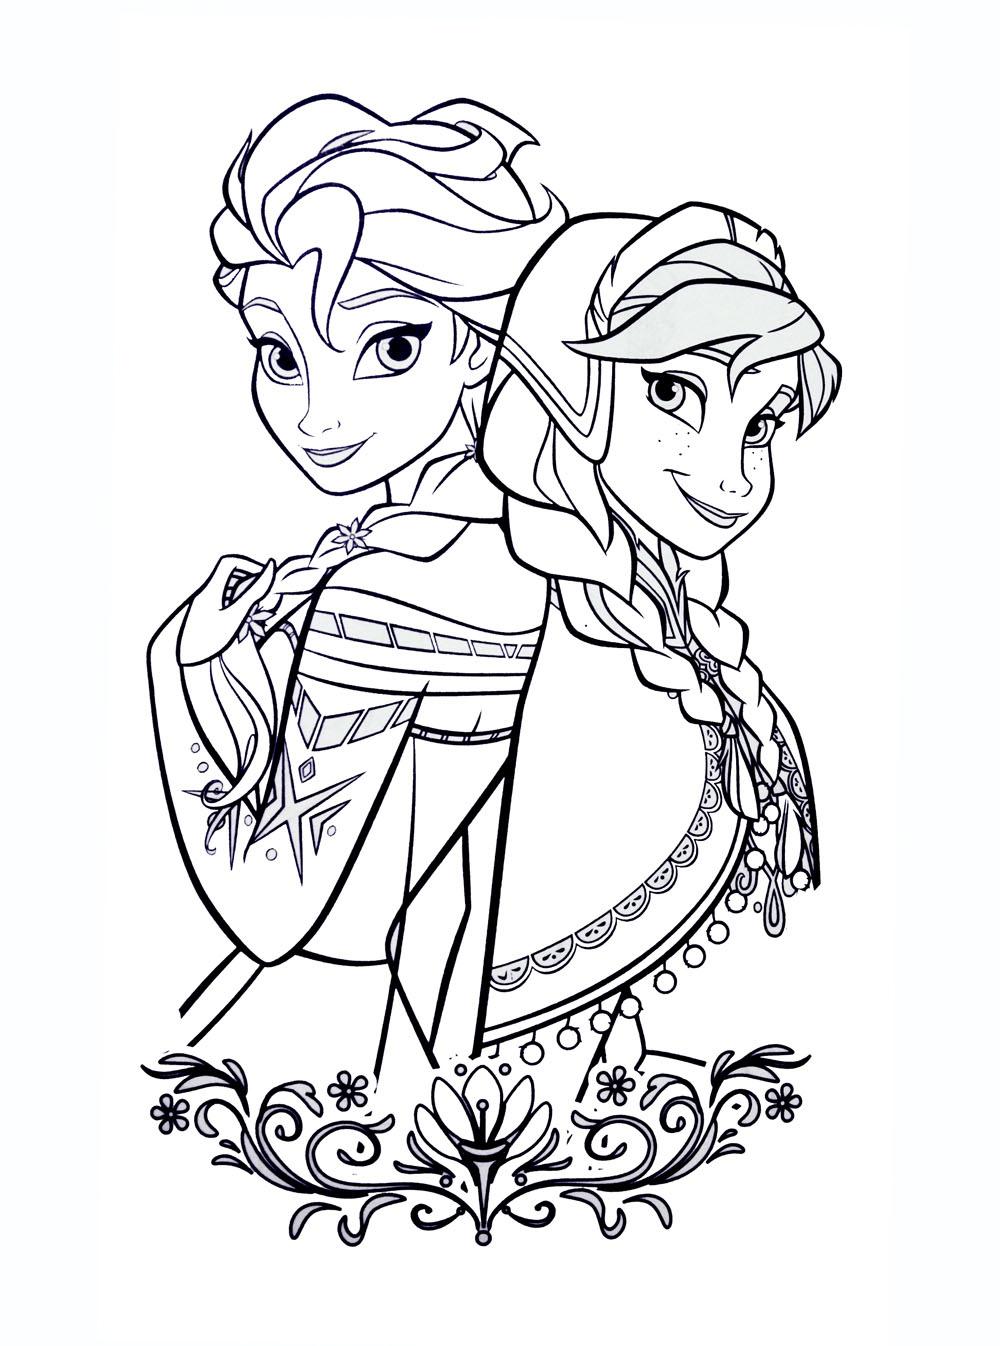 Coloriages la reine des neiges à imprimer : Anna et Elsa